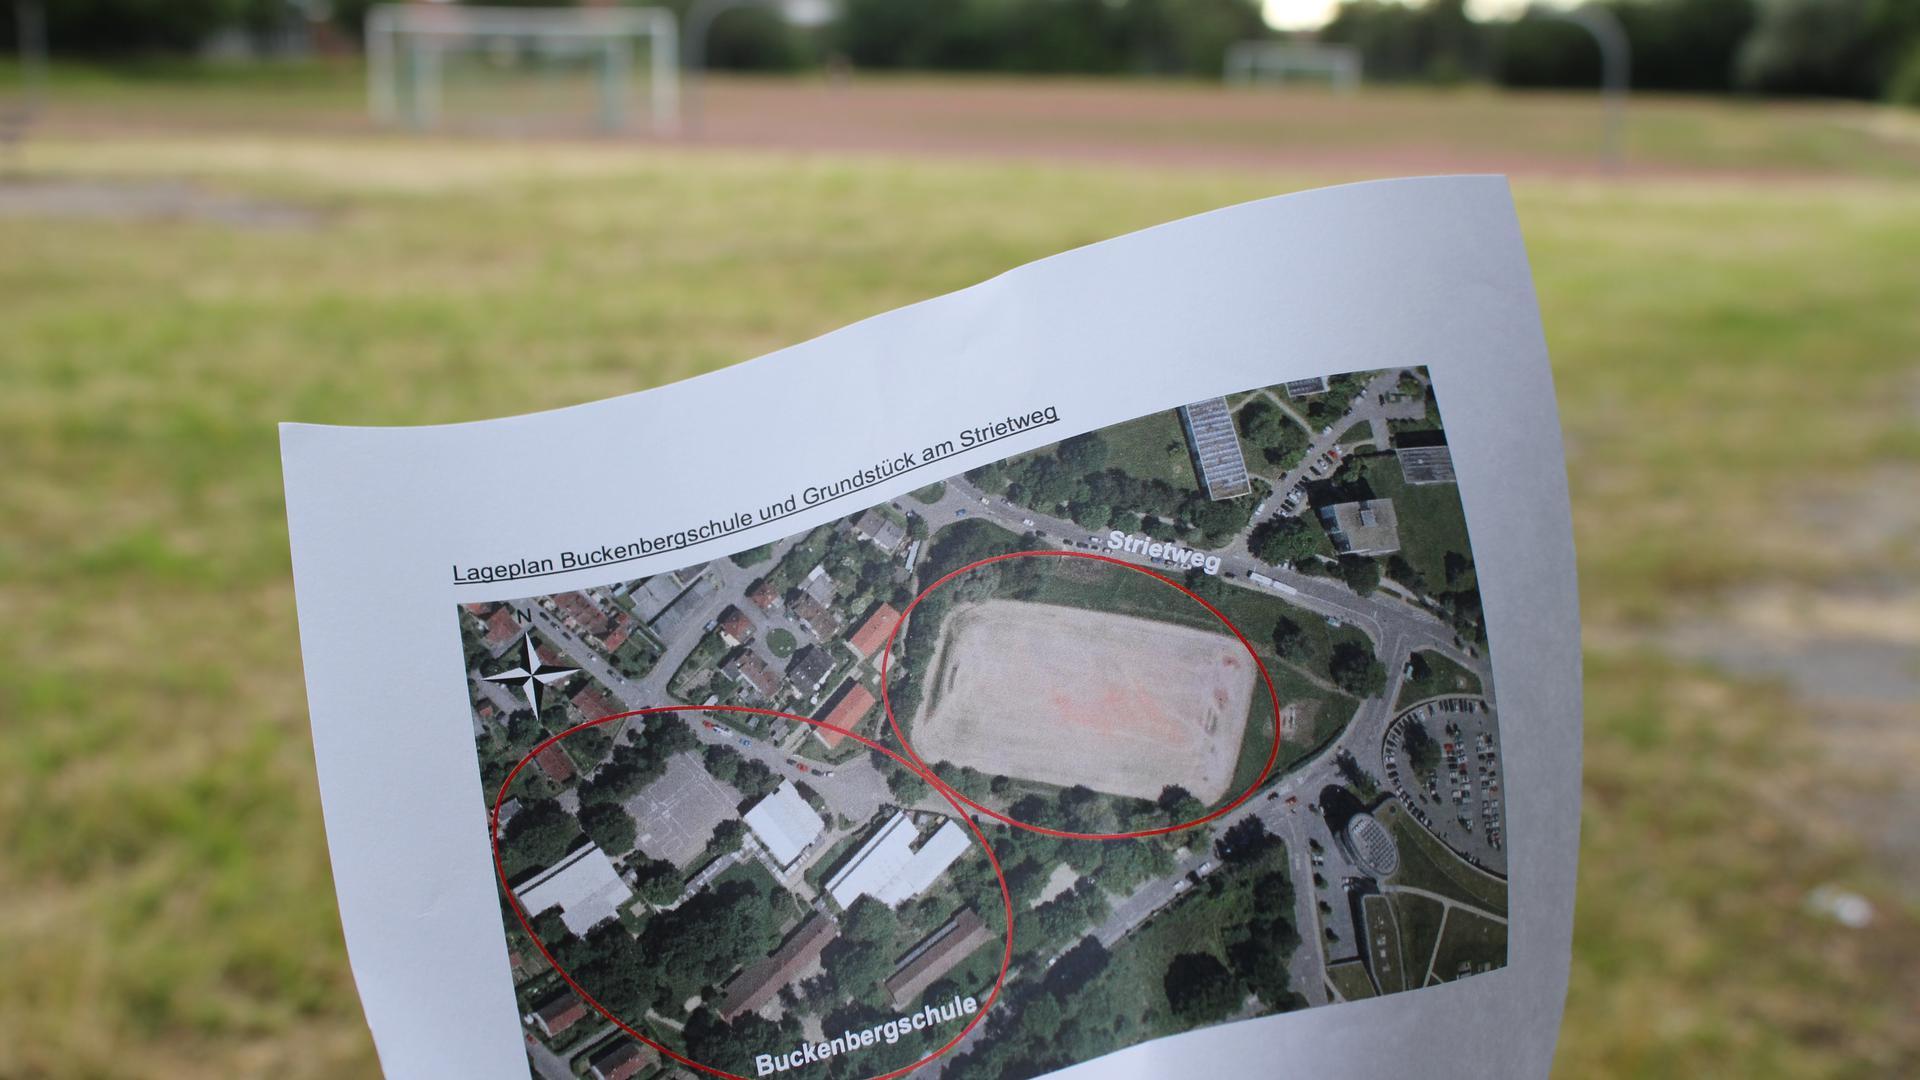 Neuer Standort: Auf diesem Grundstück unterhalb der Buckenbergschule soll die Gustav-Heinemann-Schule angesiedelt werden. Der Kreistag muss noch zustimmen.